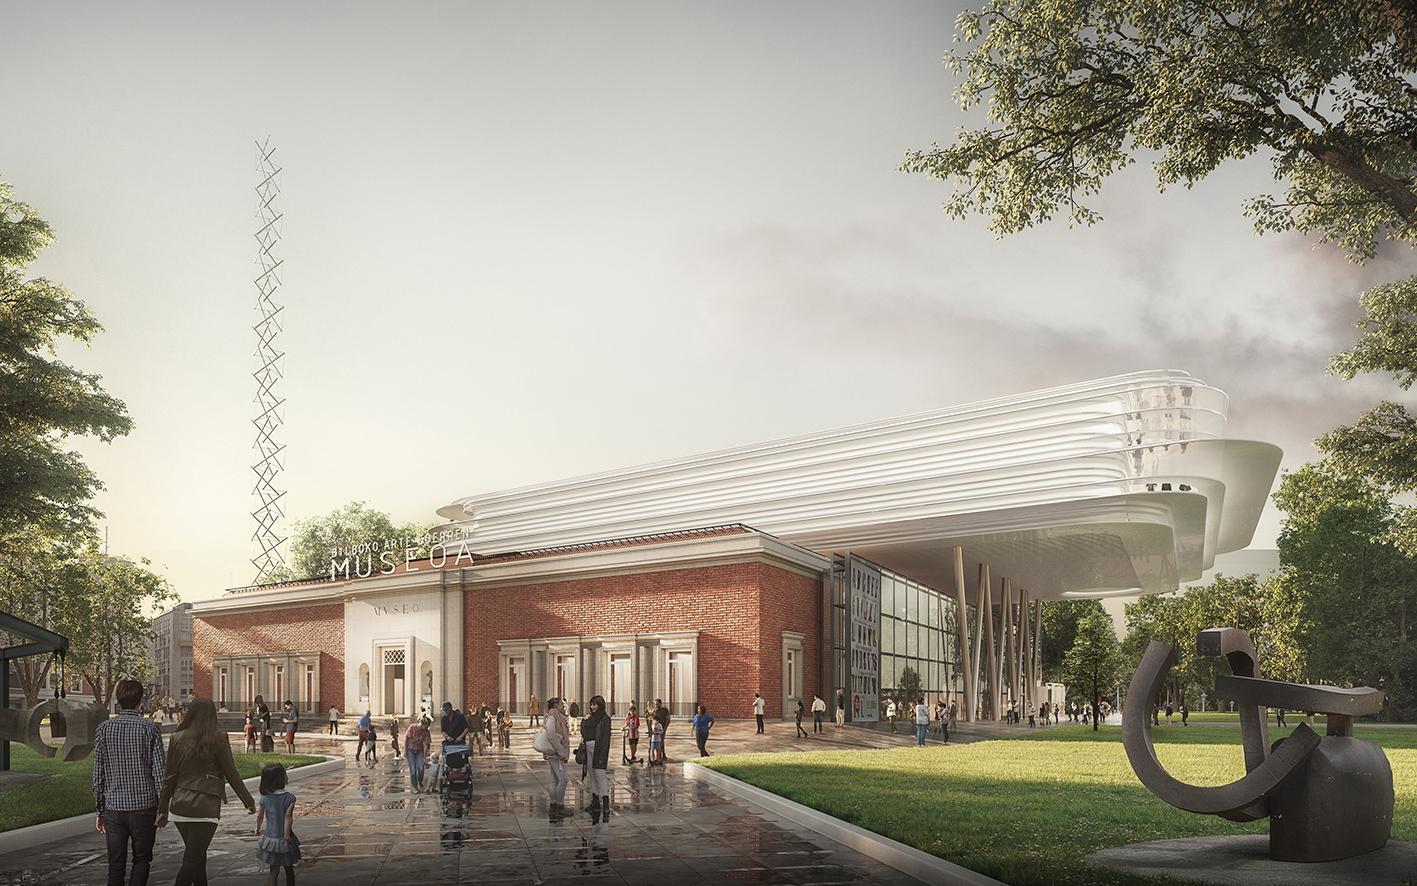 Recreación del proyecto de ampliación del Museo de Bellas Artes diseñado por Norman Foster.